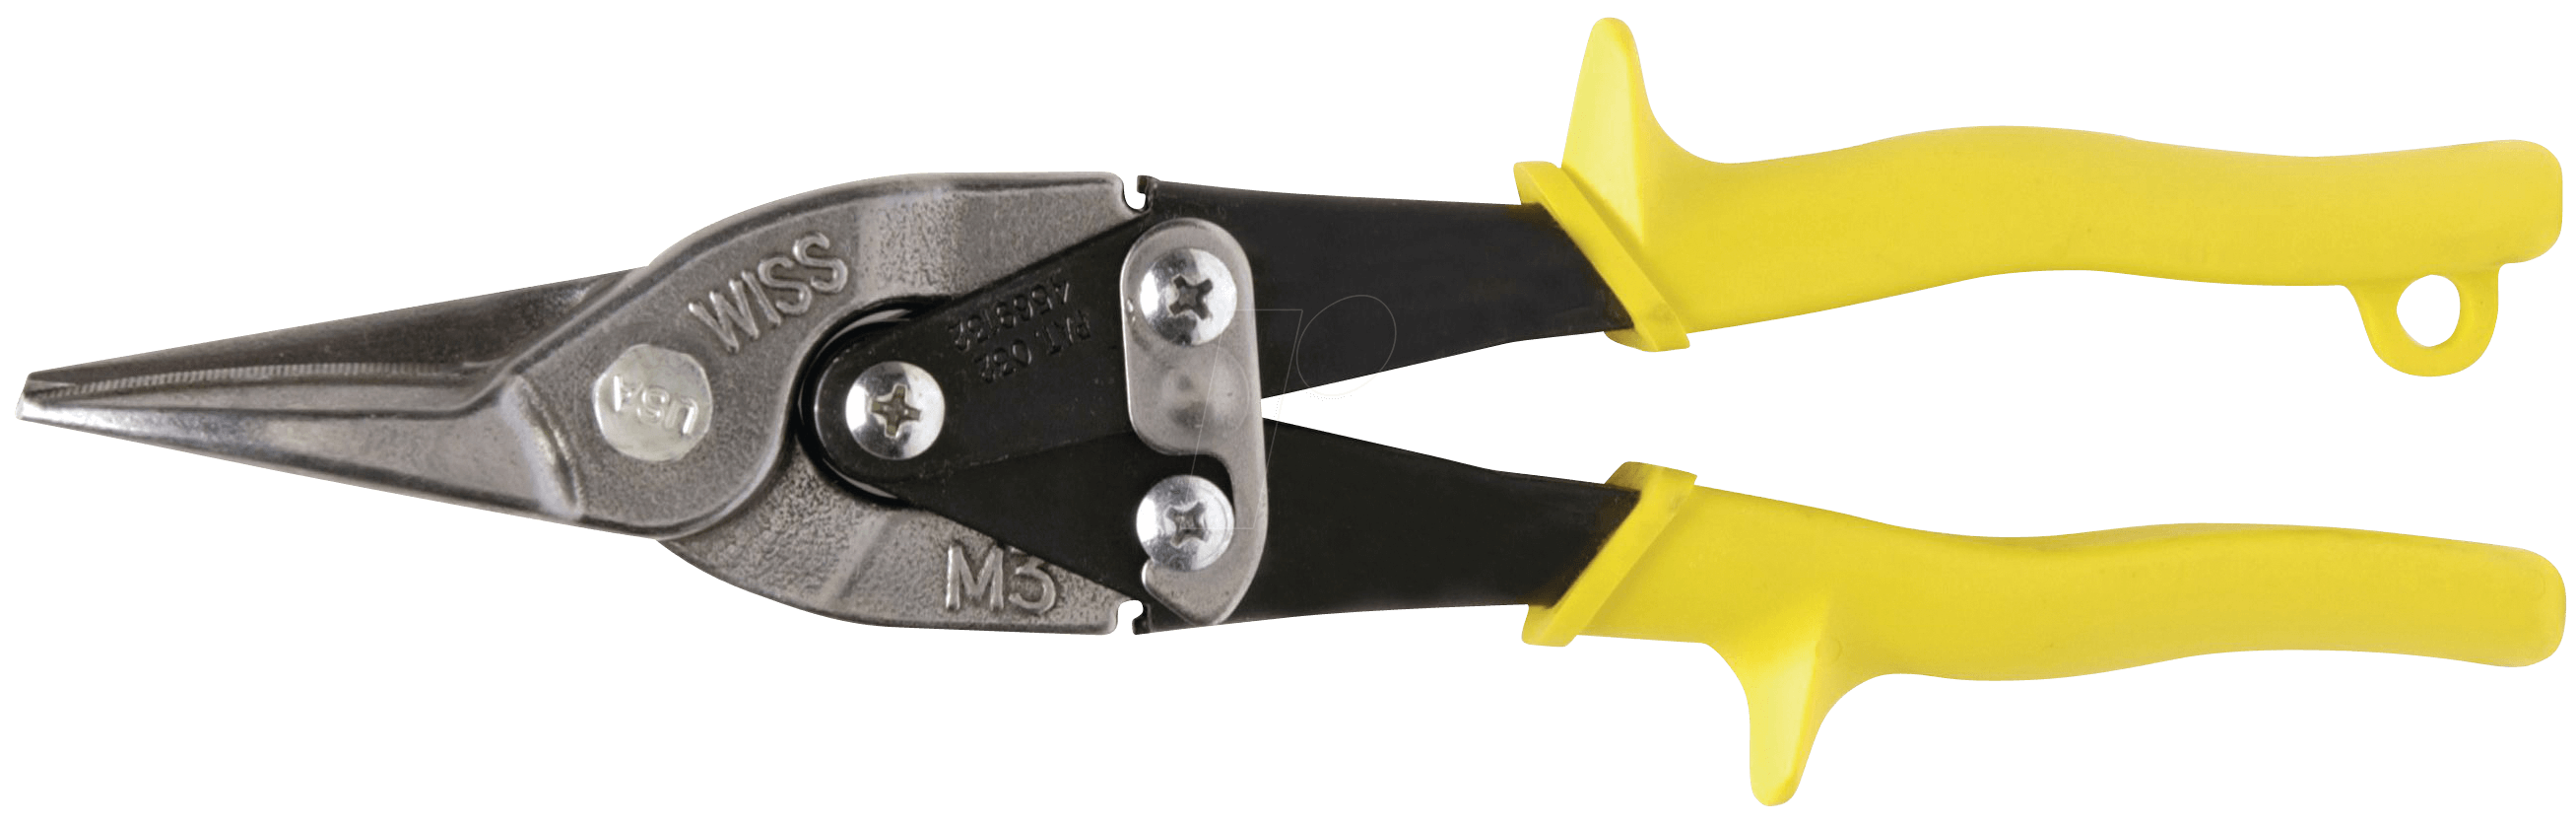 WISS M3R - Blechschere, für leichtes Material, ...